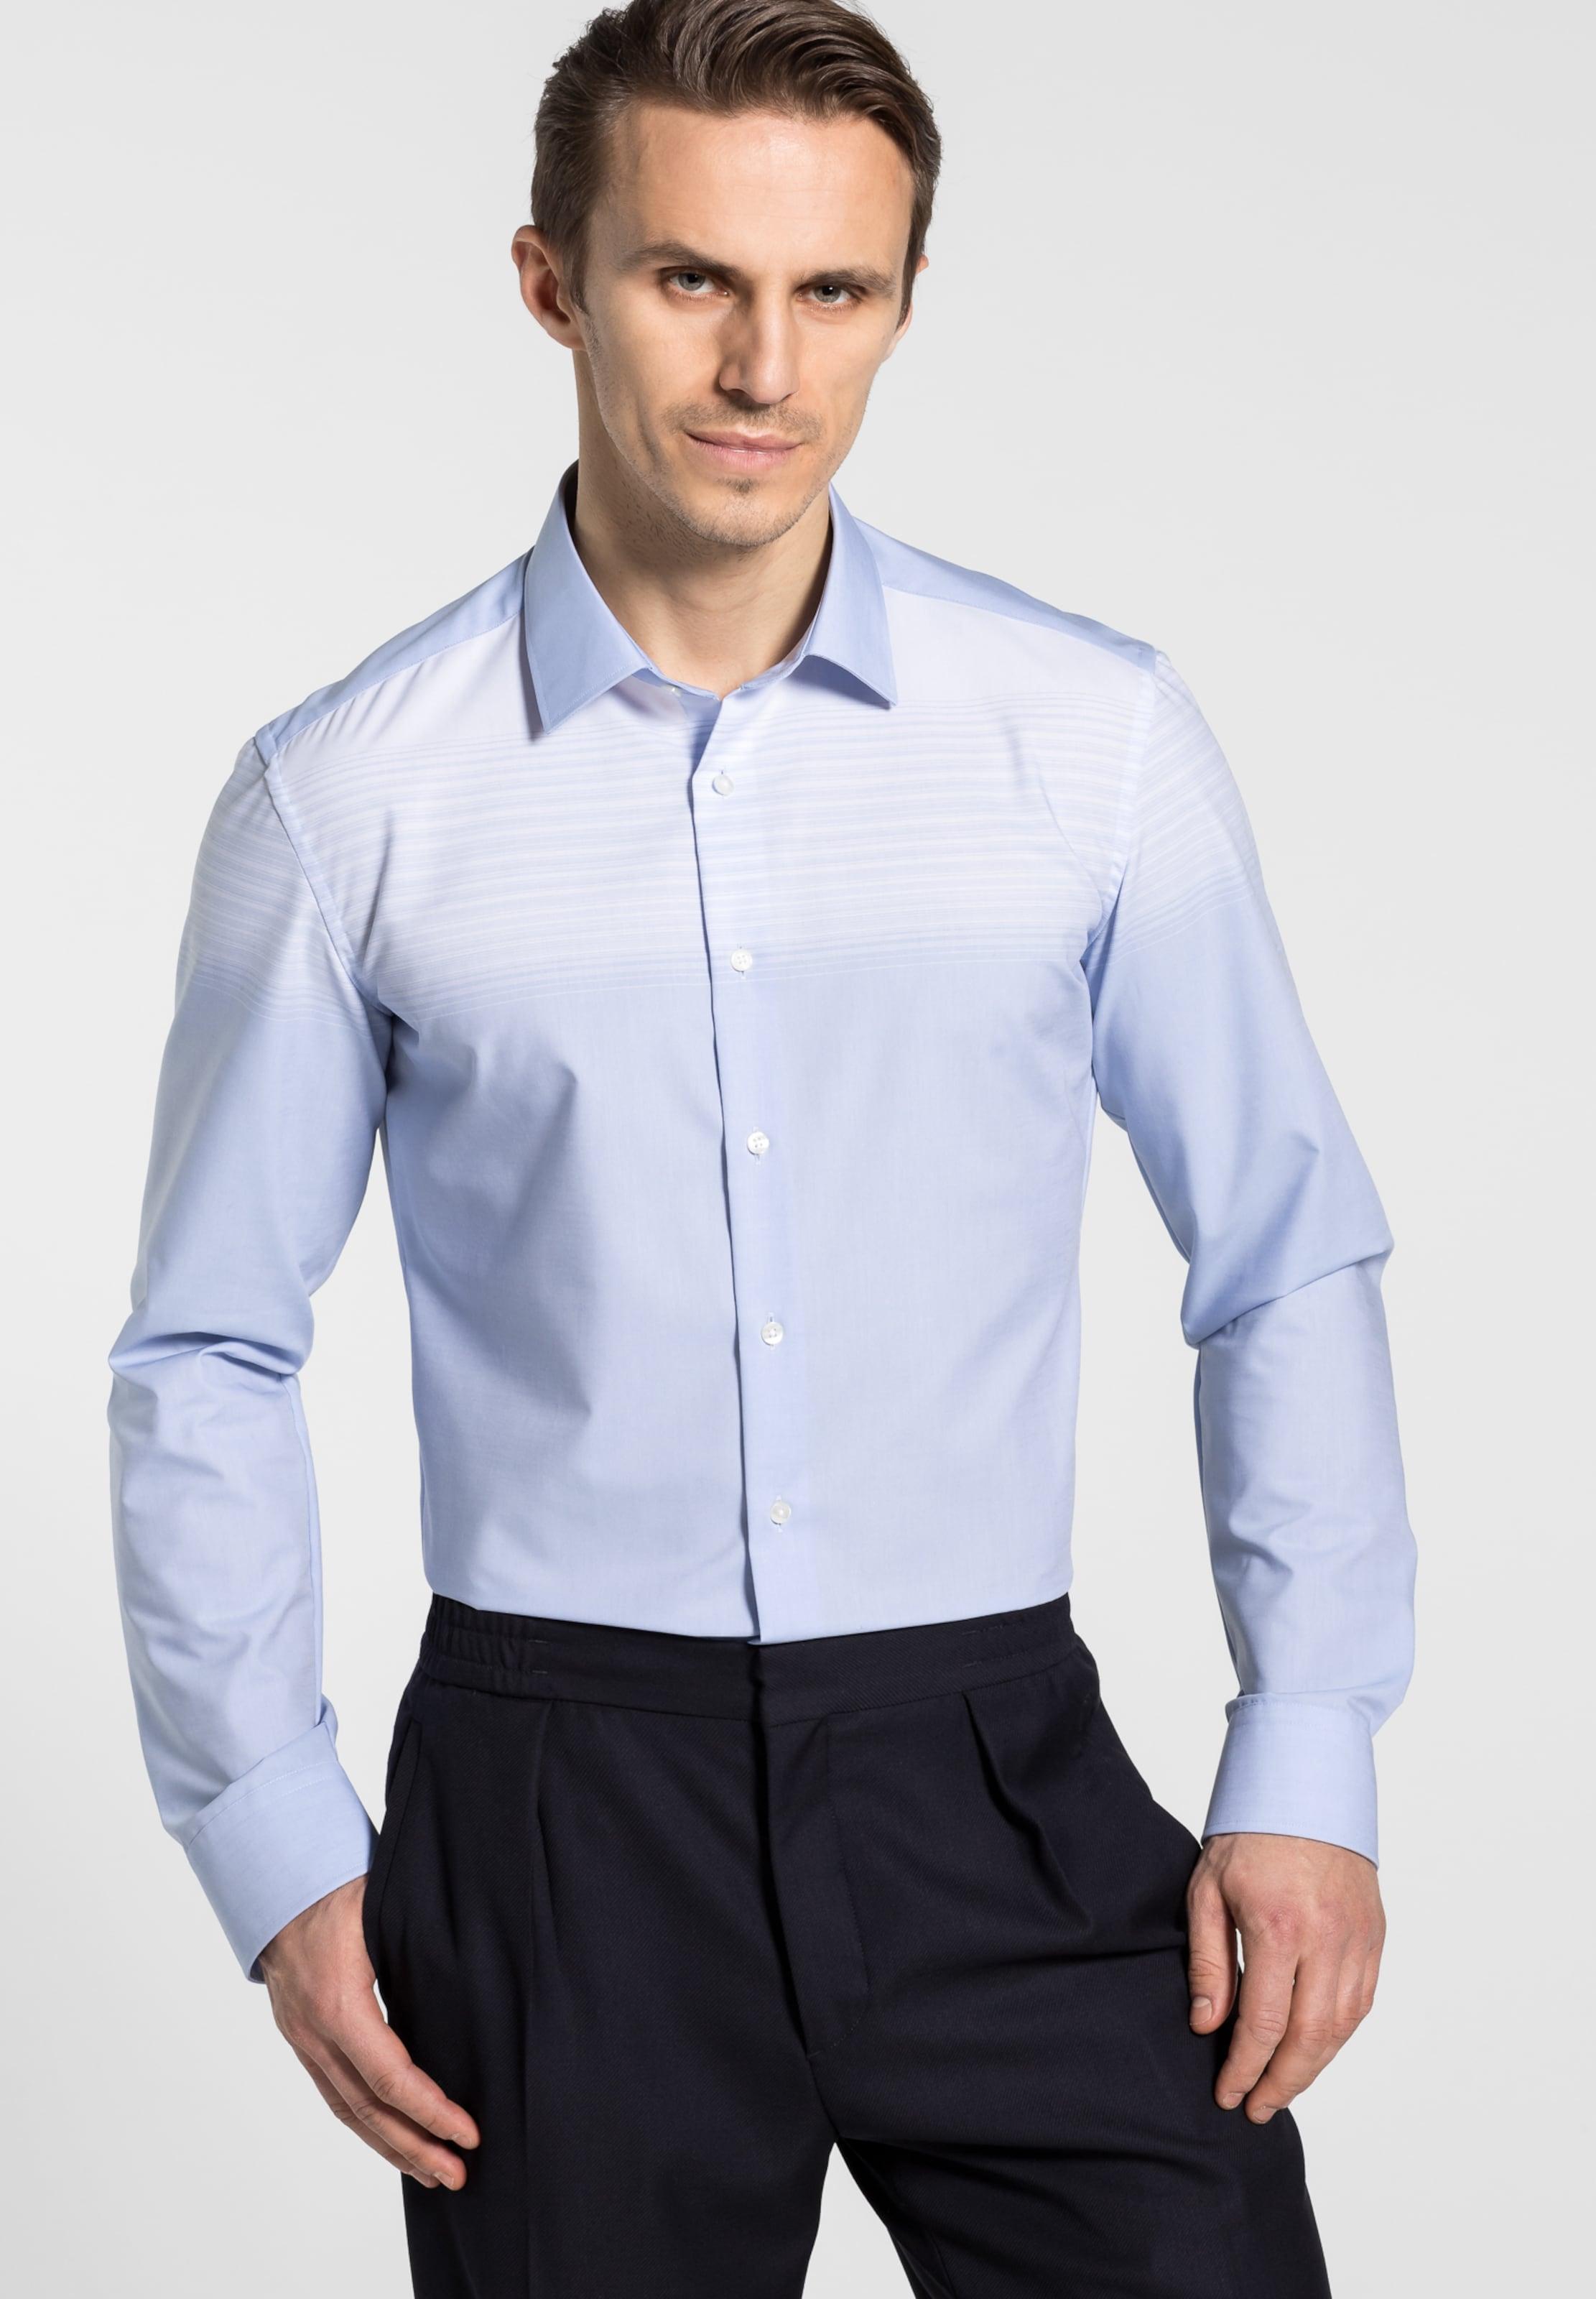 Günstig Kaufen 2018 Neue Billig Verkaufen Billigsten ETERNA Langarm Hemd SLIM FIT Billig Verkauf Bestes Geschäft Zu Bekommen Schnelle Lieferung Günstiger Preis Z94uV